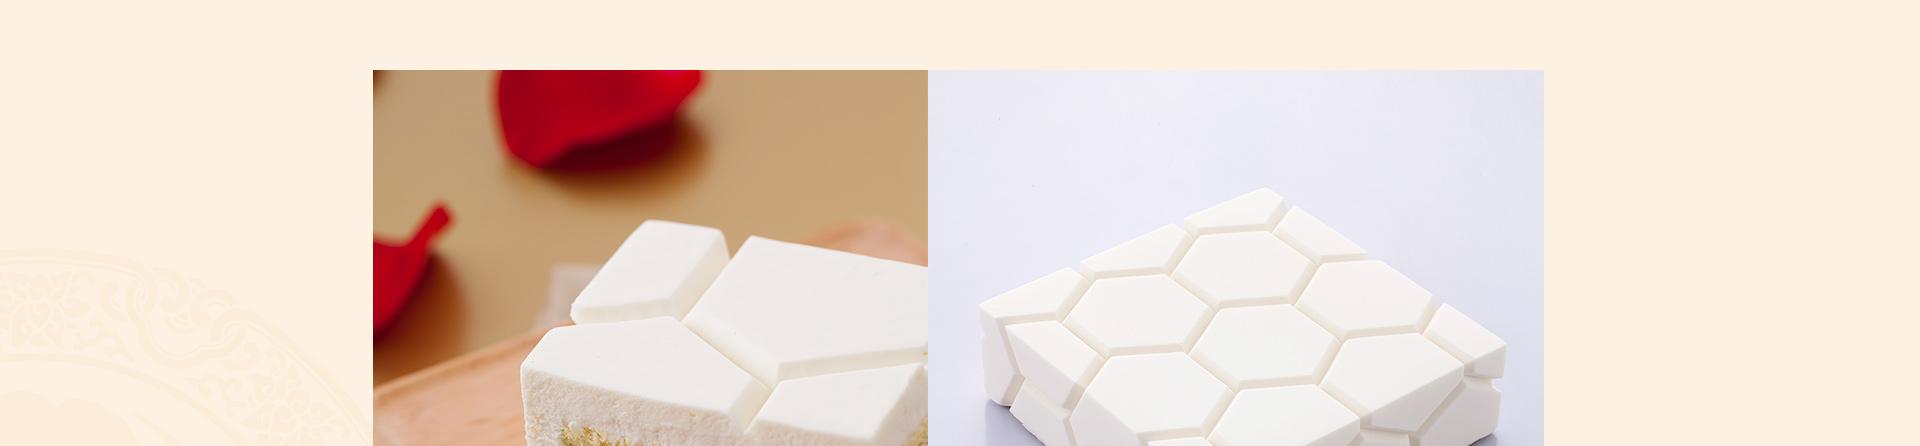 初心|牛油果低脂蛋糕